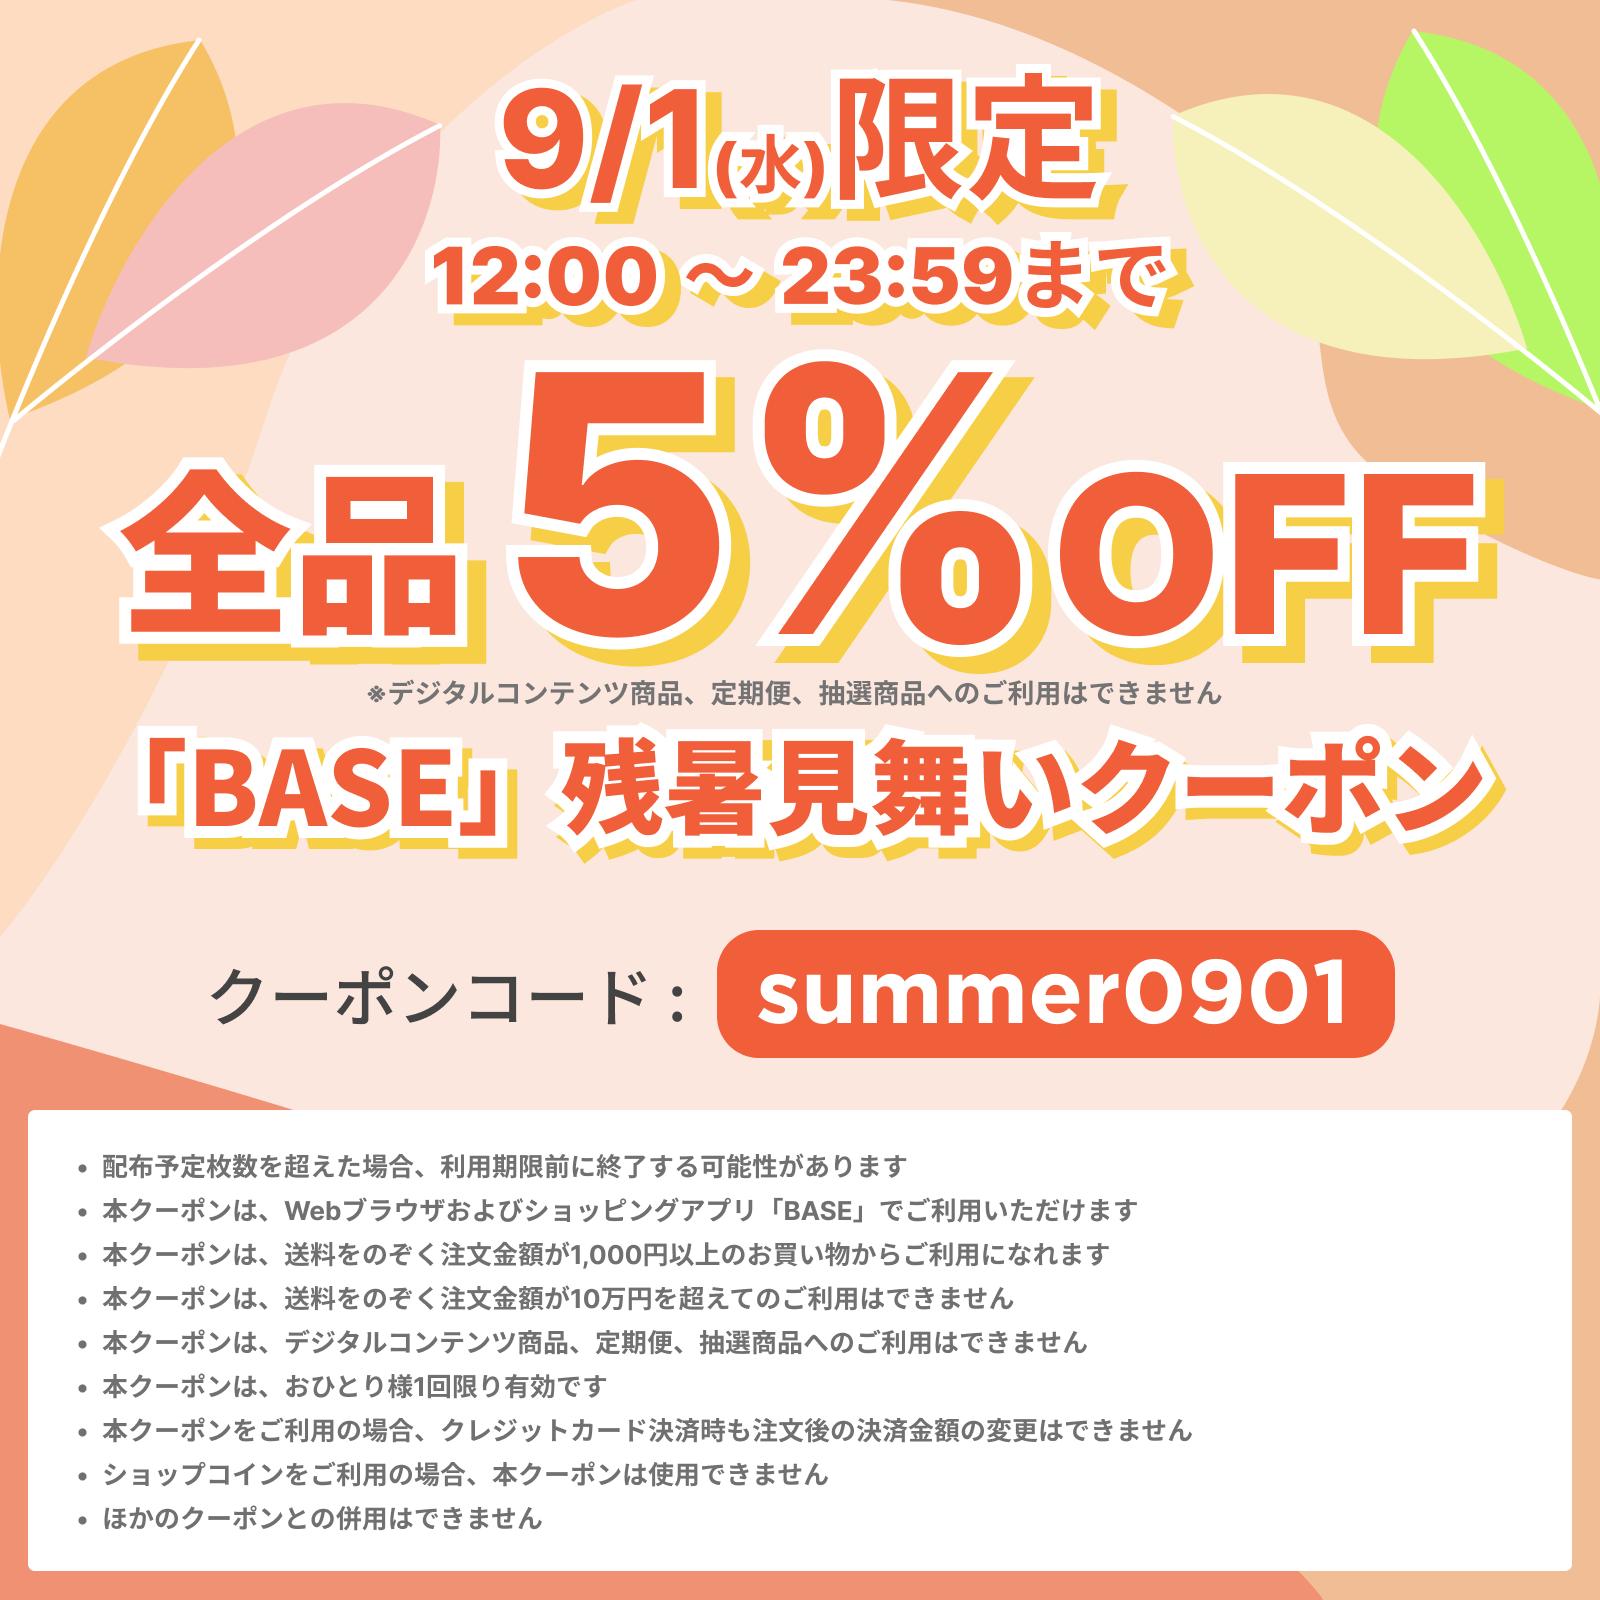 【9/1限定!5%OFFクーポン発行!】